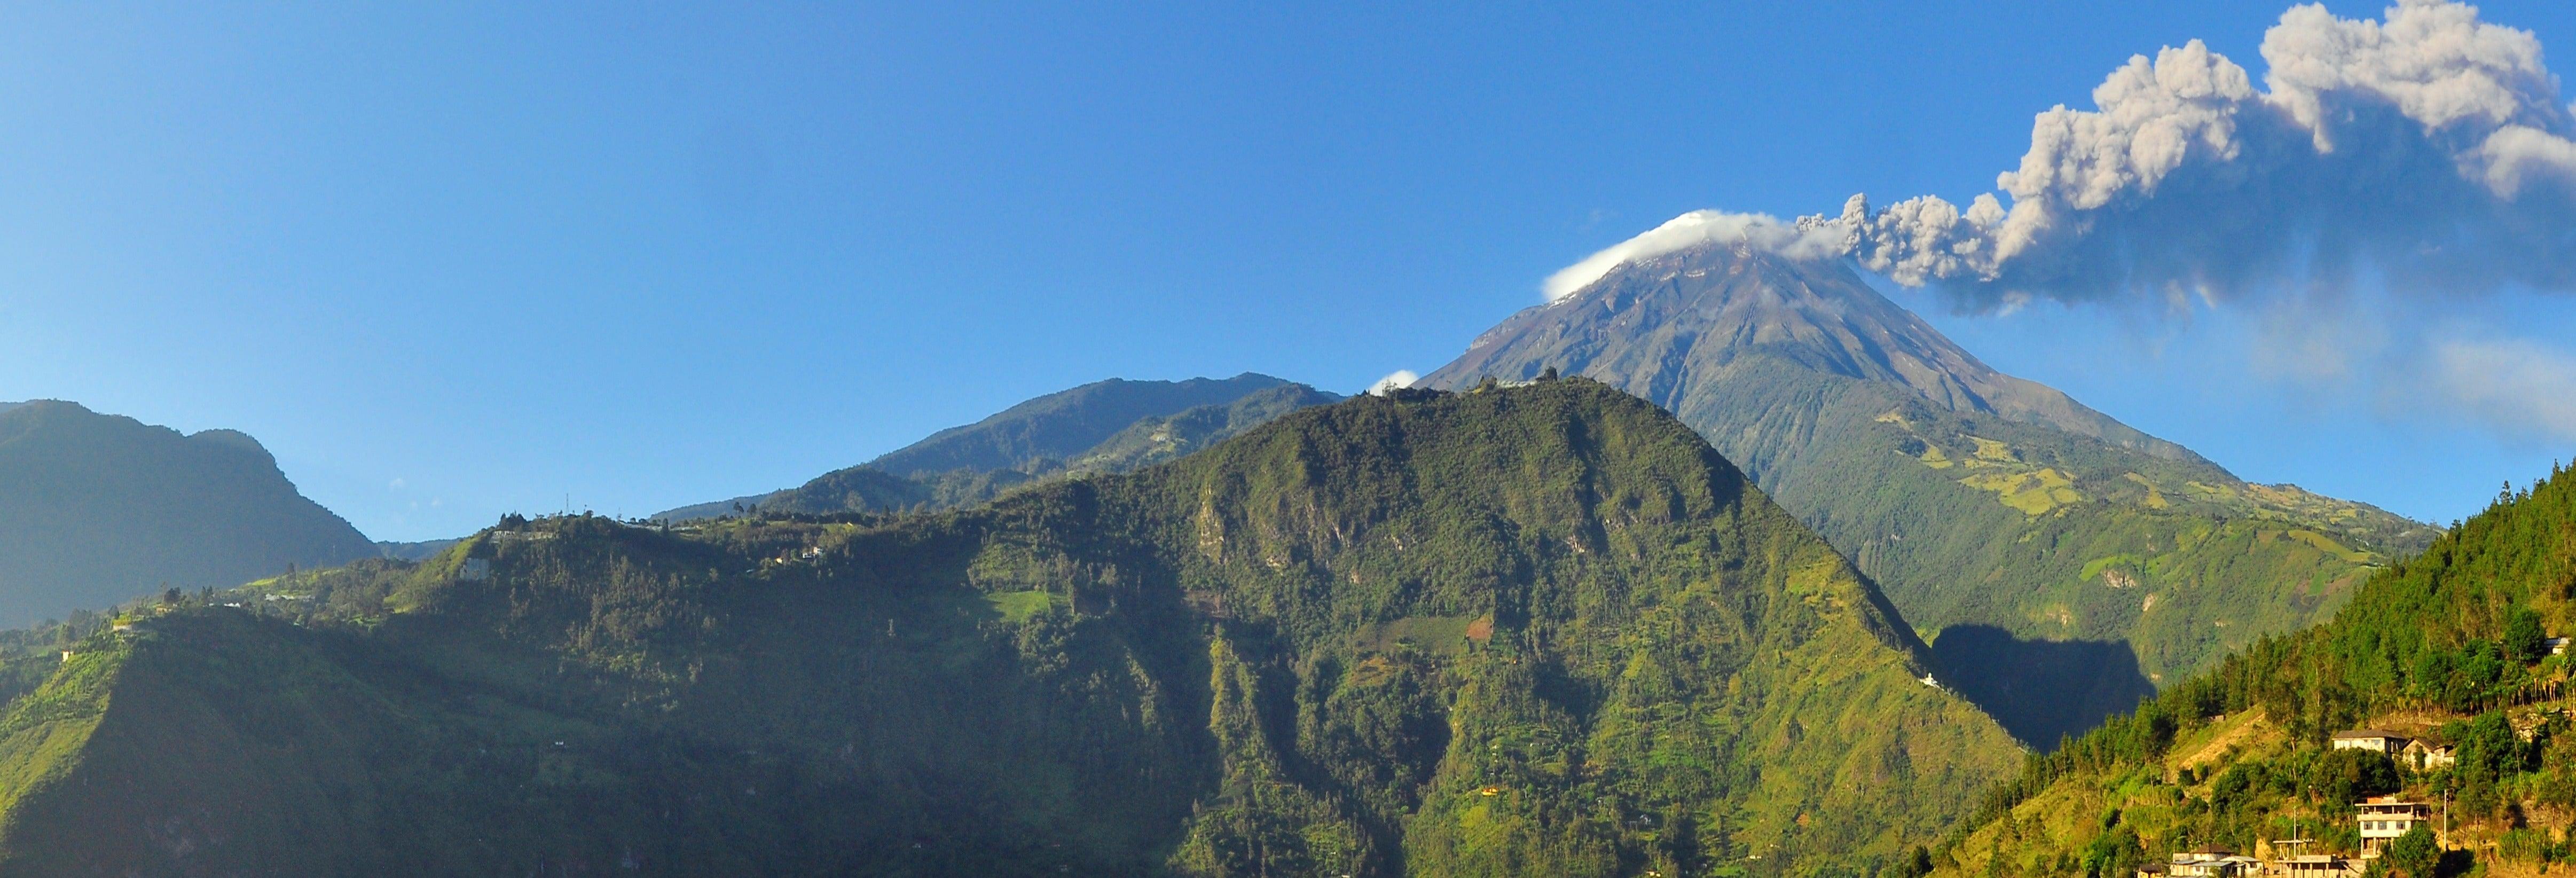 Excursão ao vulcão Tungurahua